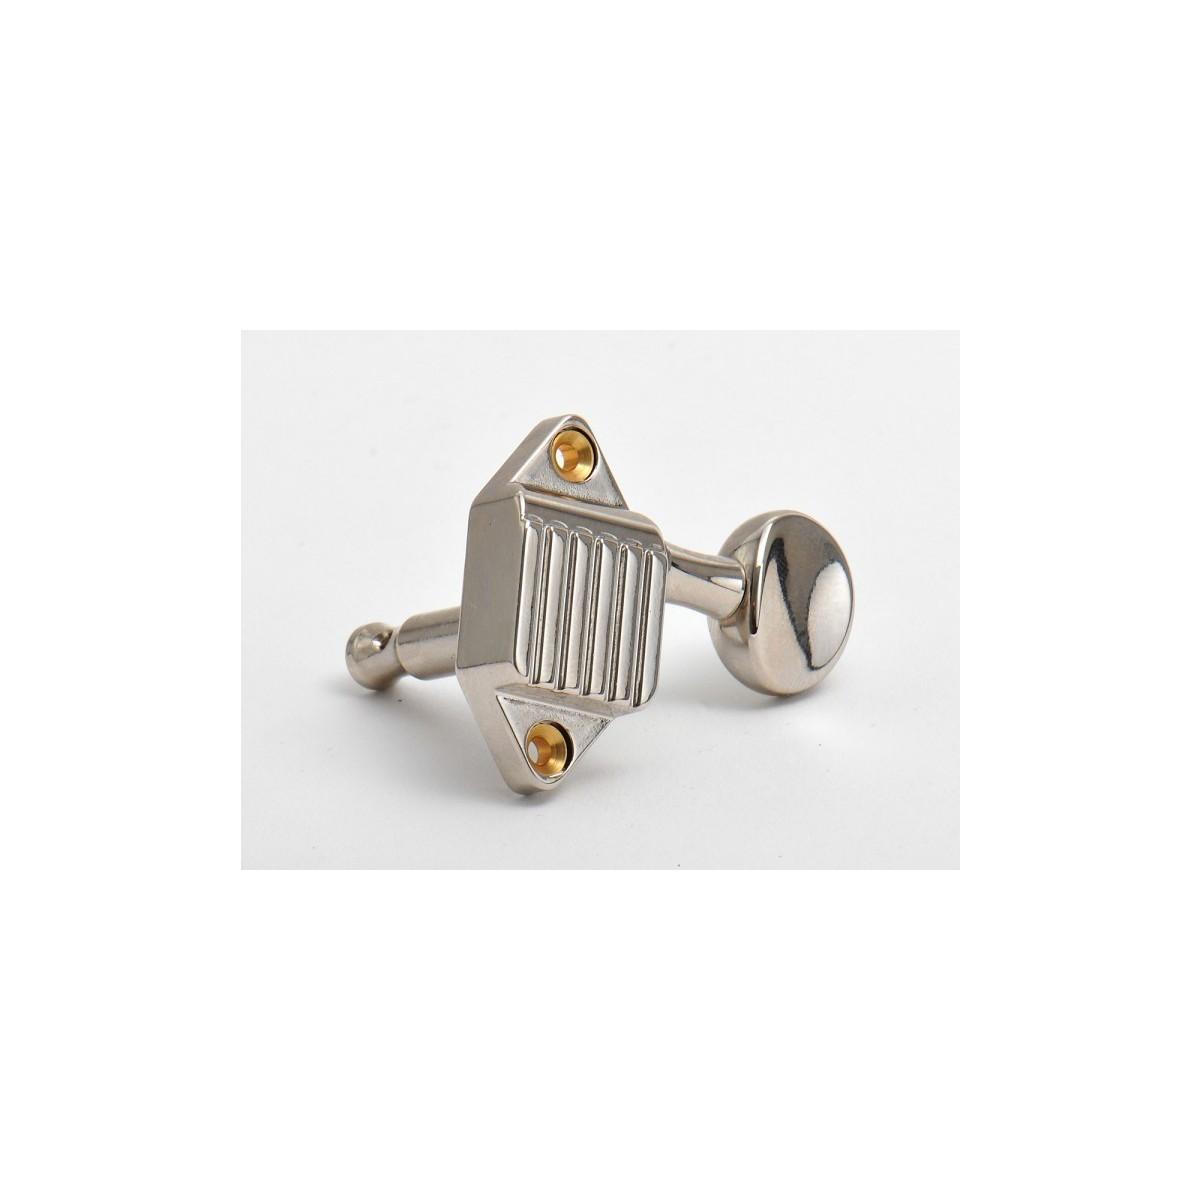 WILSON SPARKLING BLUE